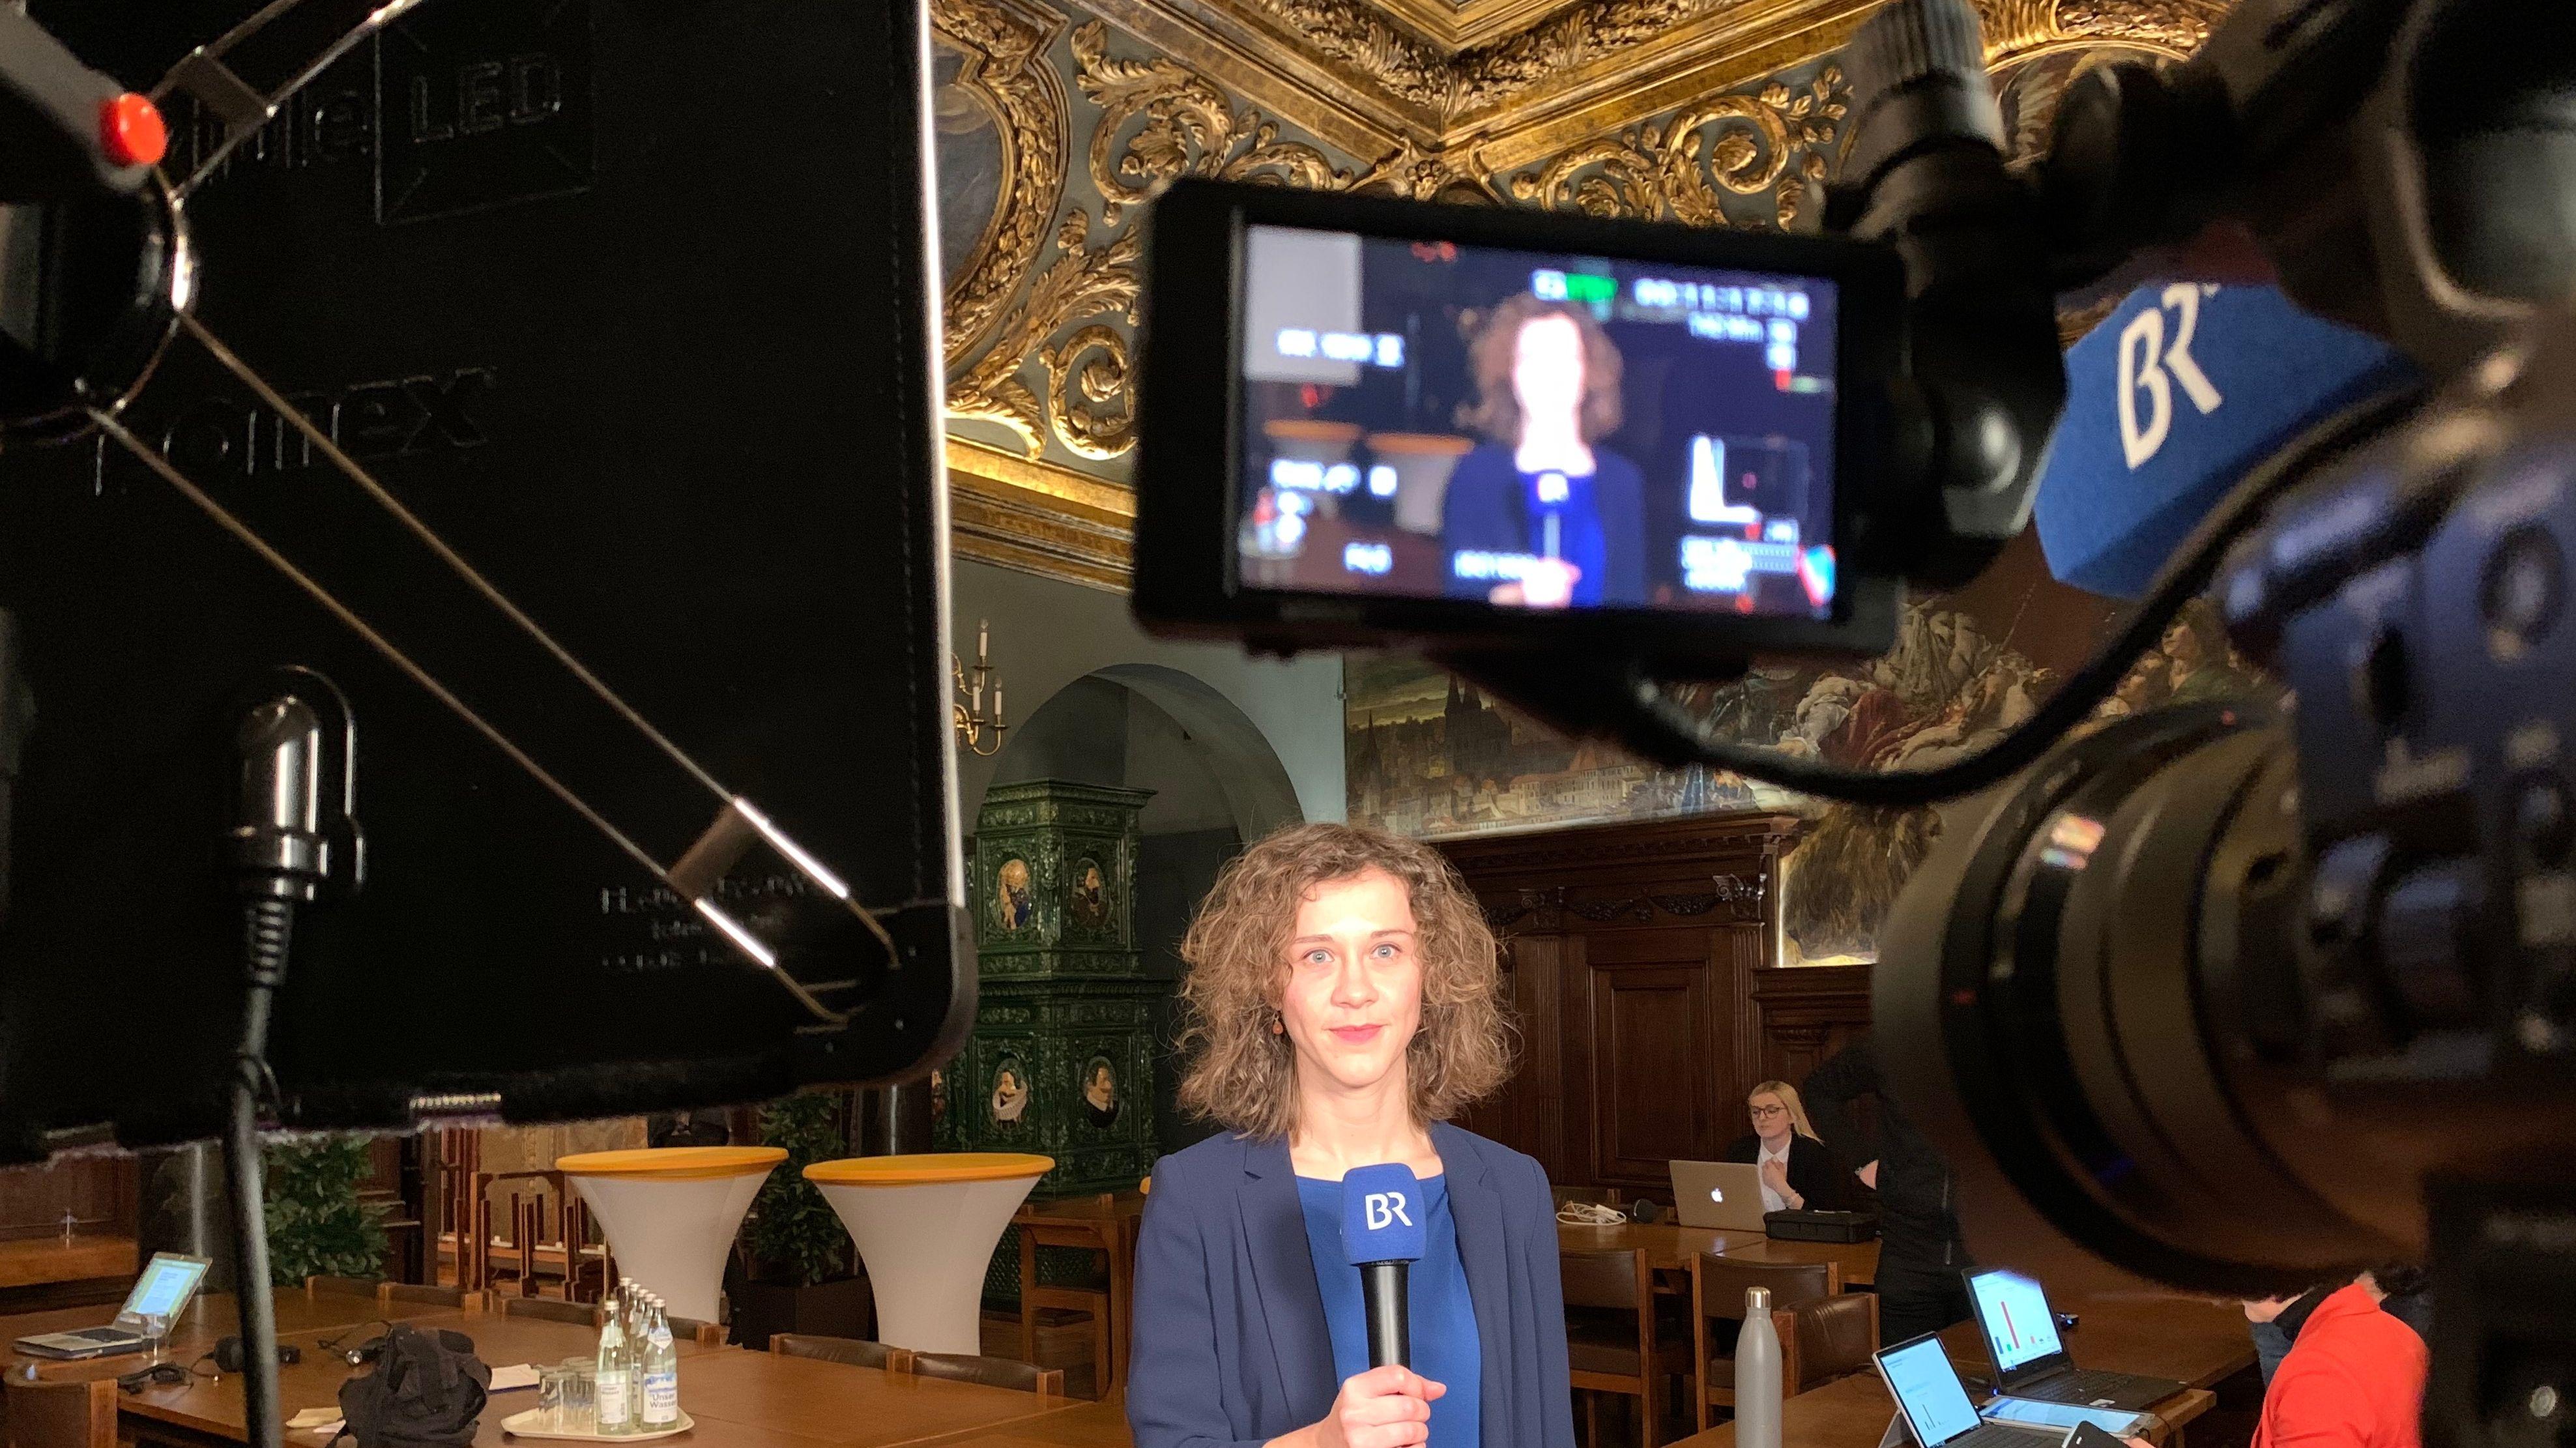 BR-Korrespondentin Katharina Häringer bereitet sich auf eine Live-Schalte vor